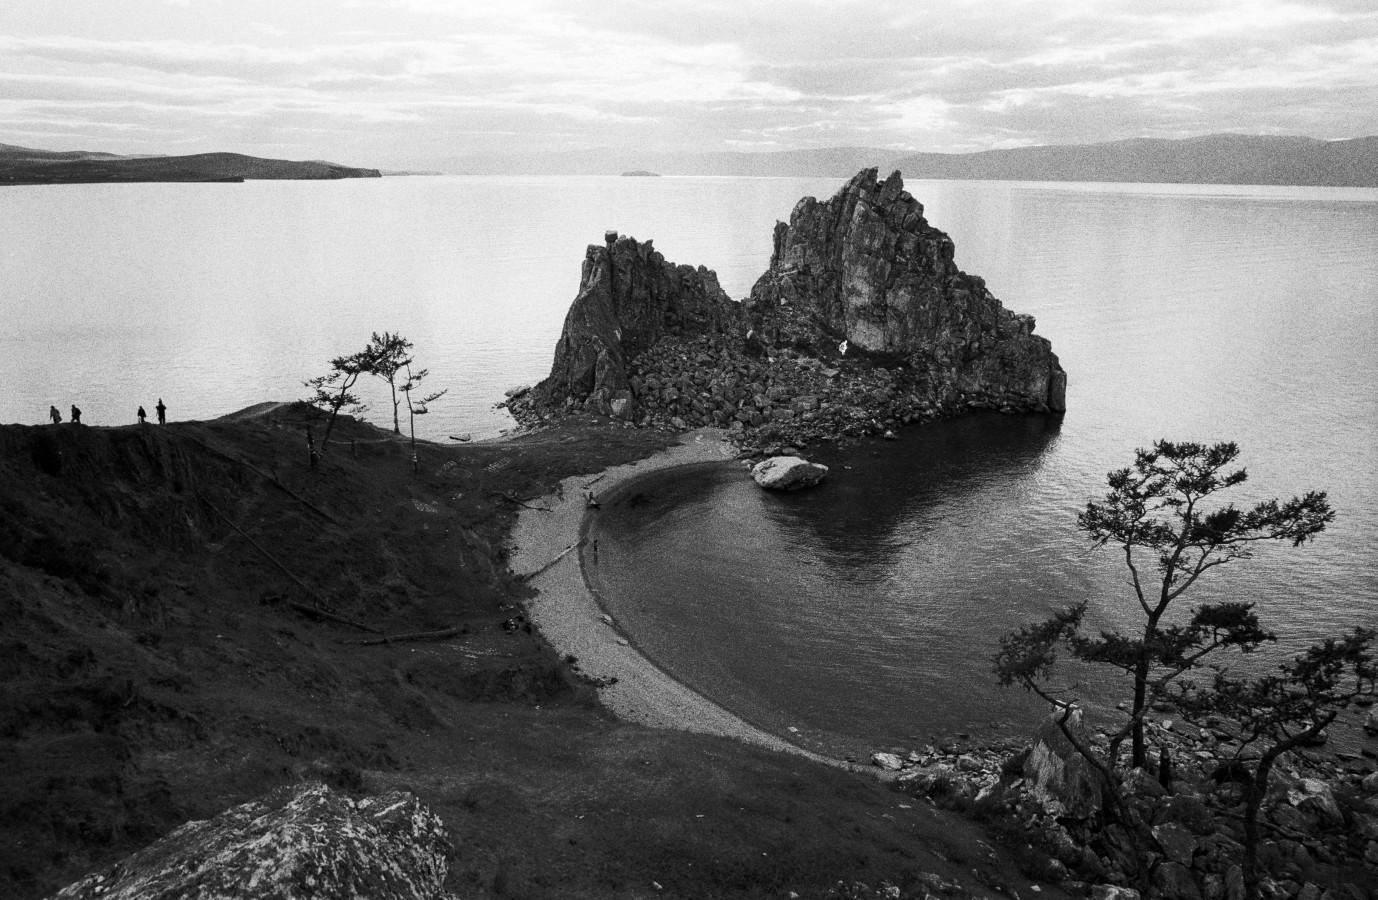 The Sjaman-rock, Ohklon Island, Lake Baikal